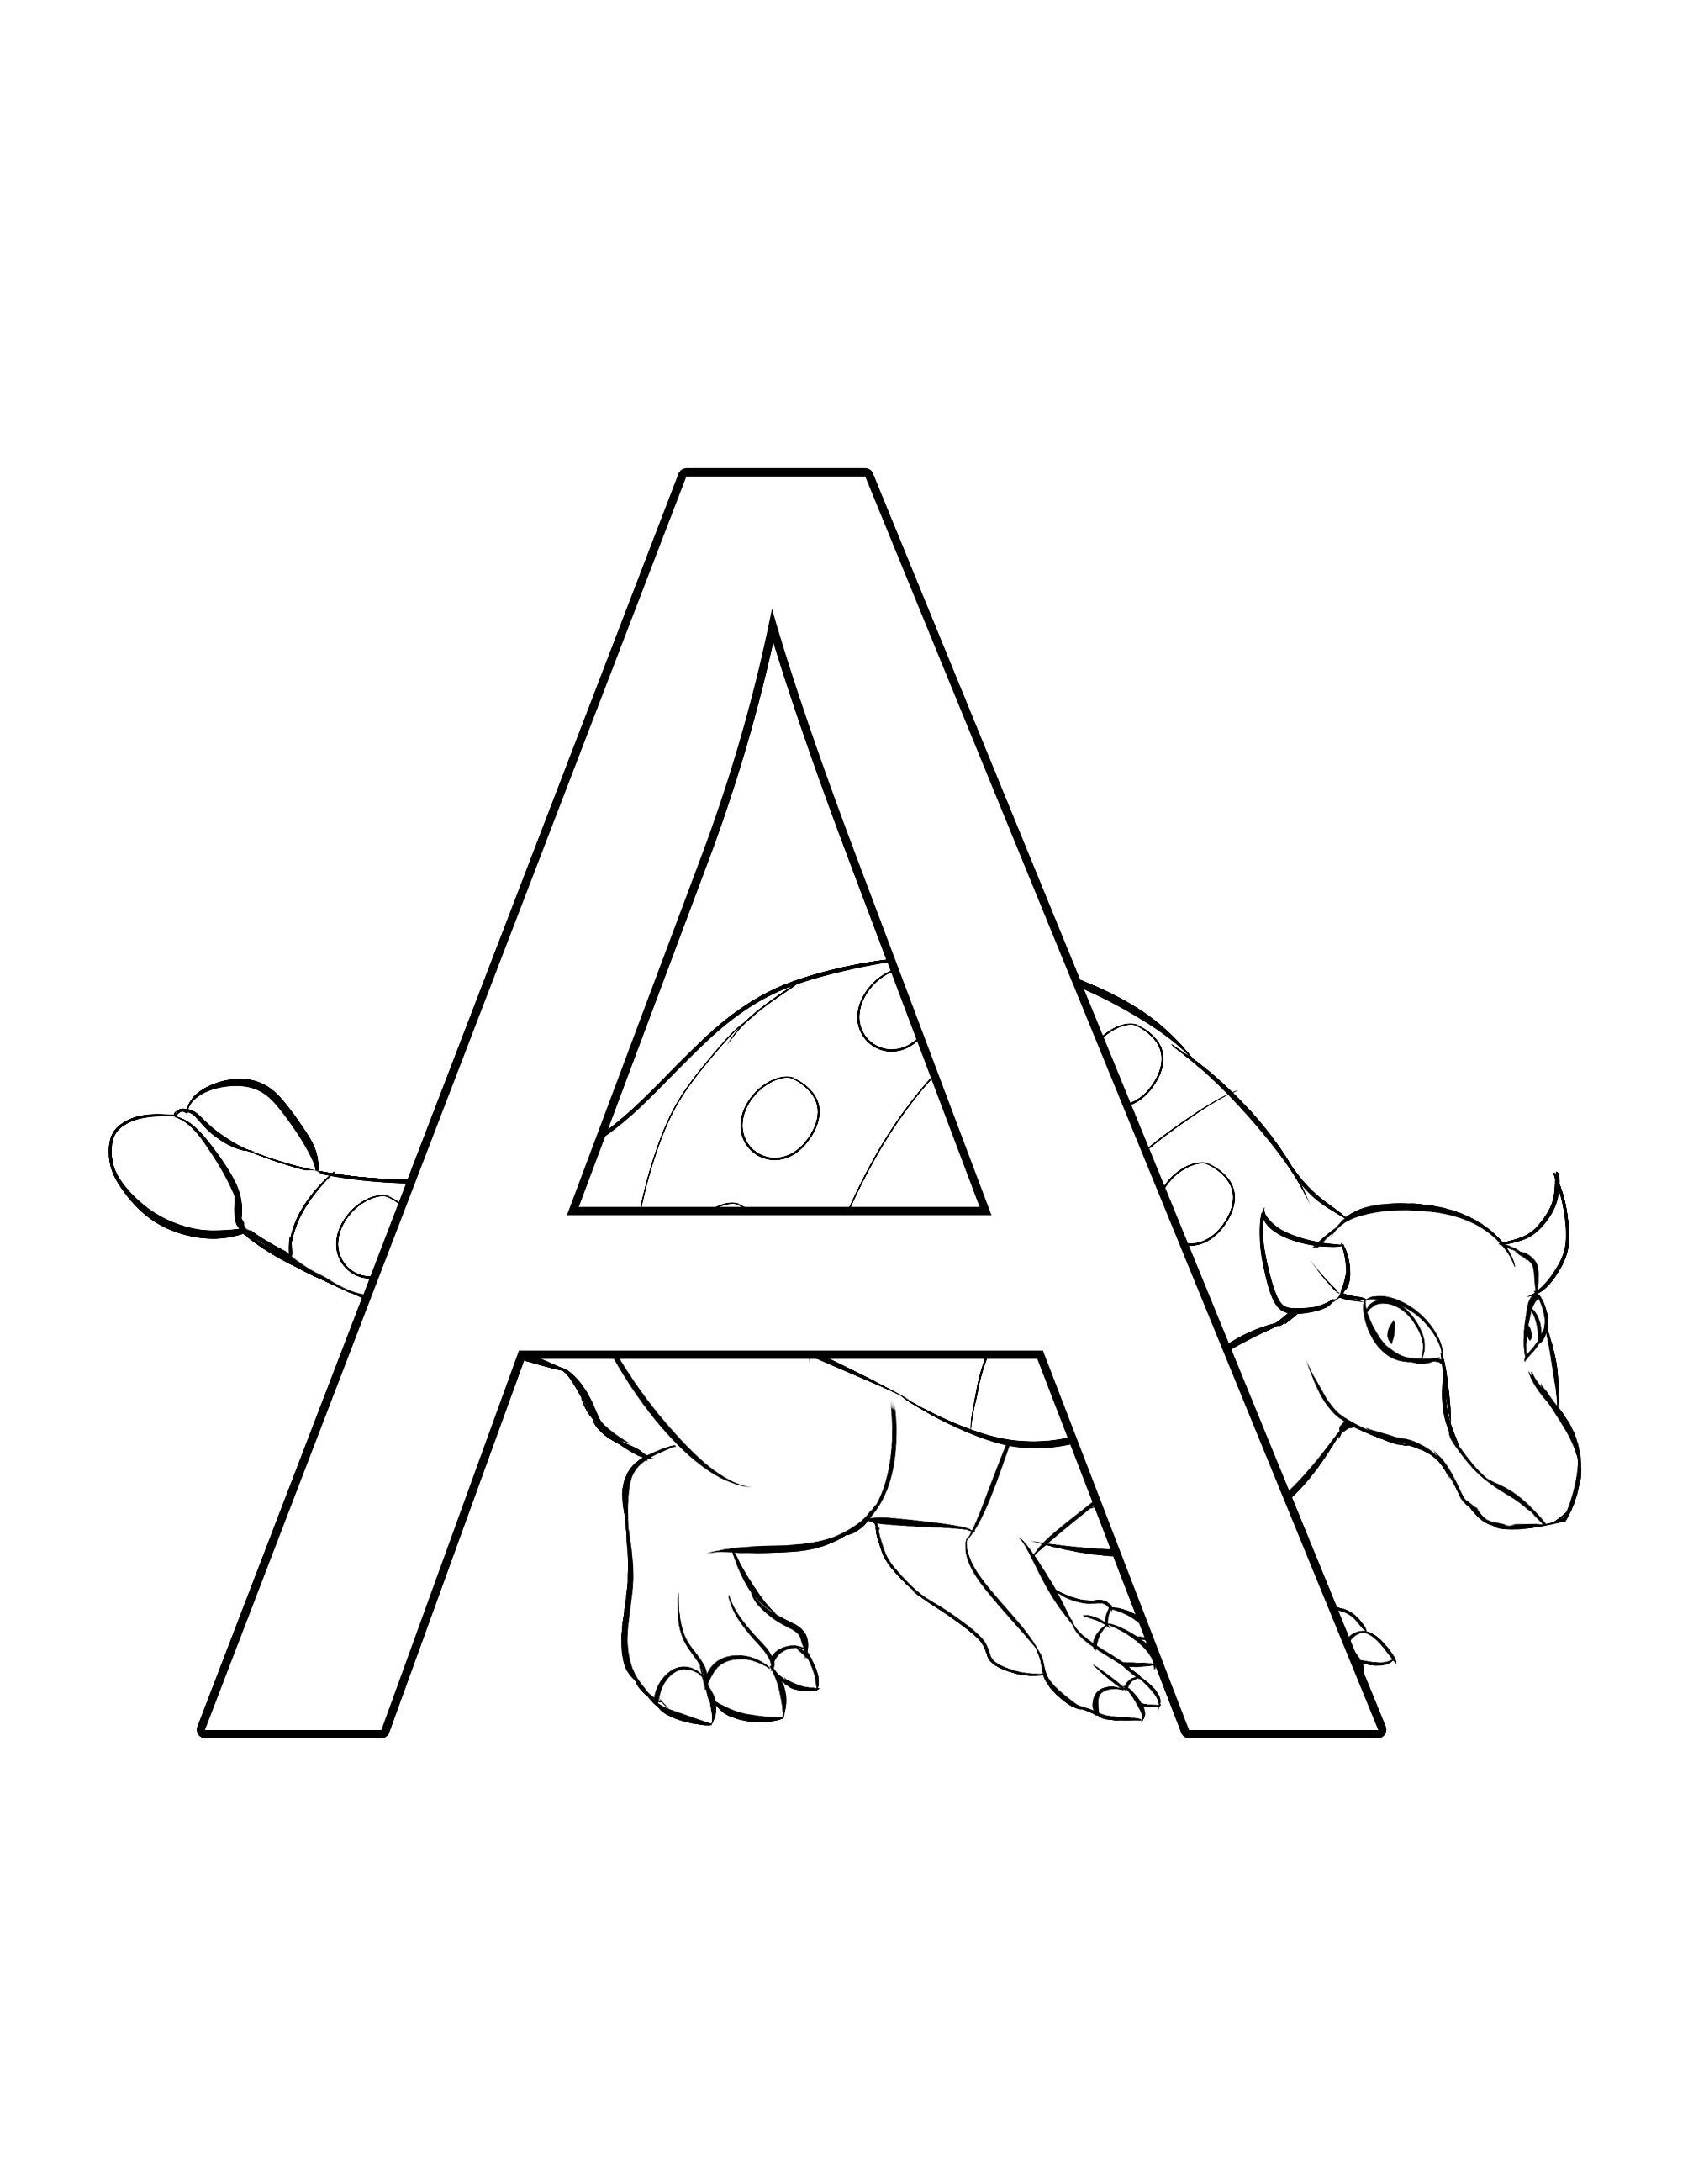 Ankylosaurus - Dinosaur Alphabet